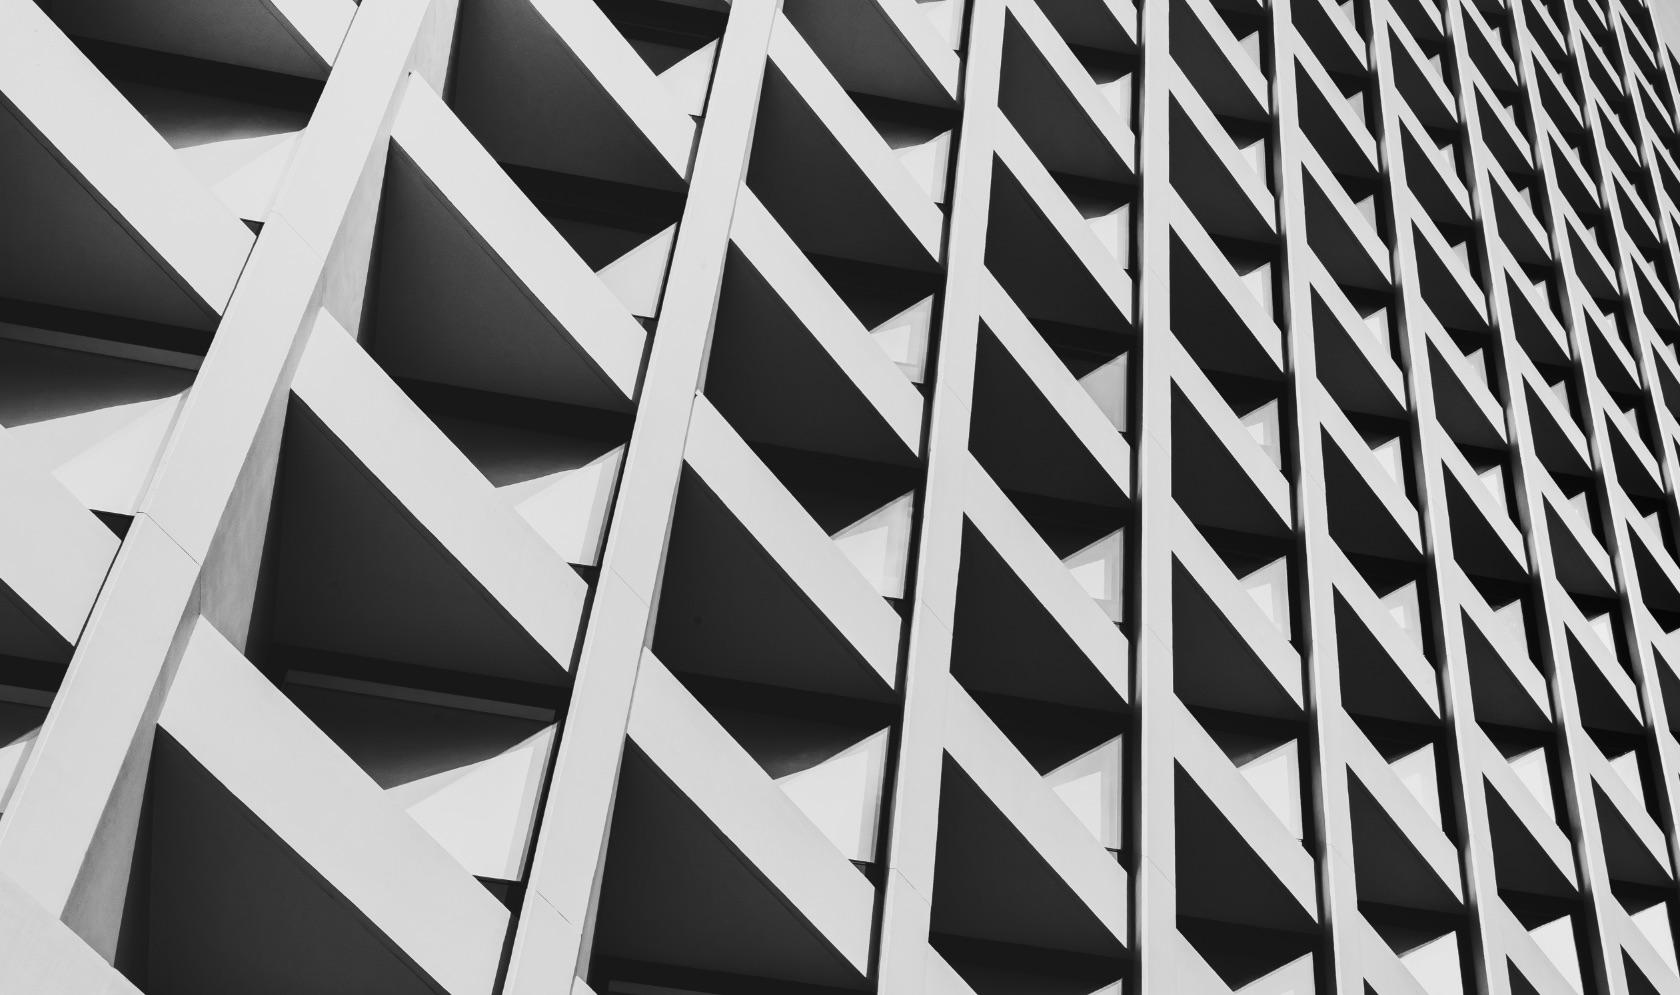 Modern design architecture facade in white